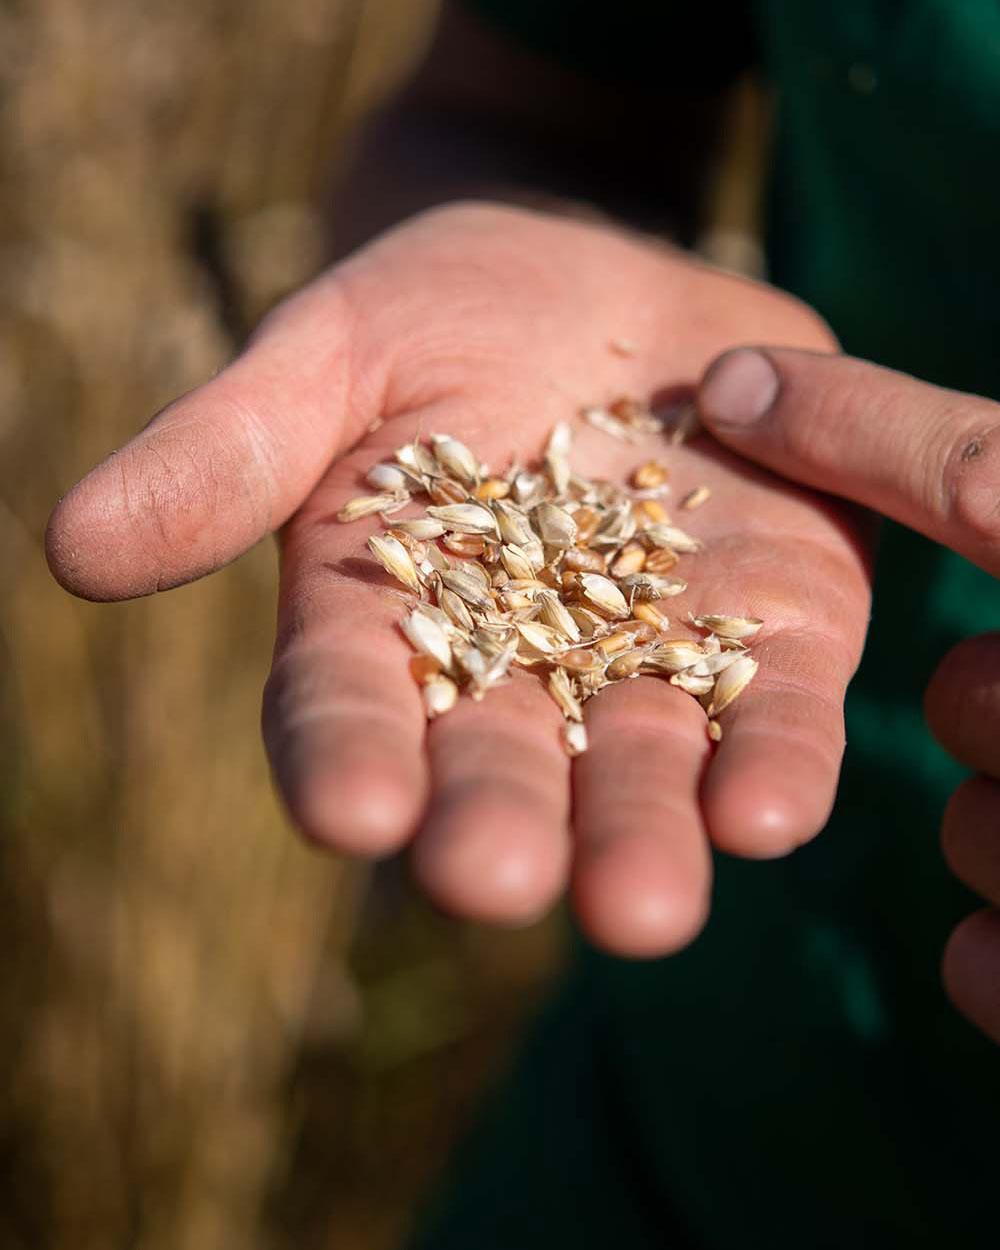 Ein Landwrit zeigt eine Handvoll frischen Weizen.